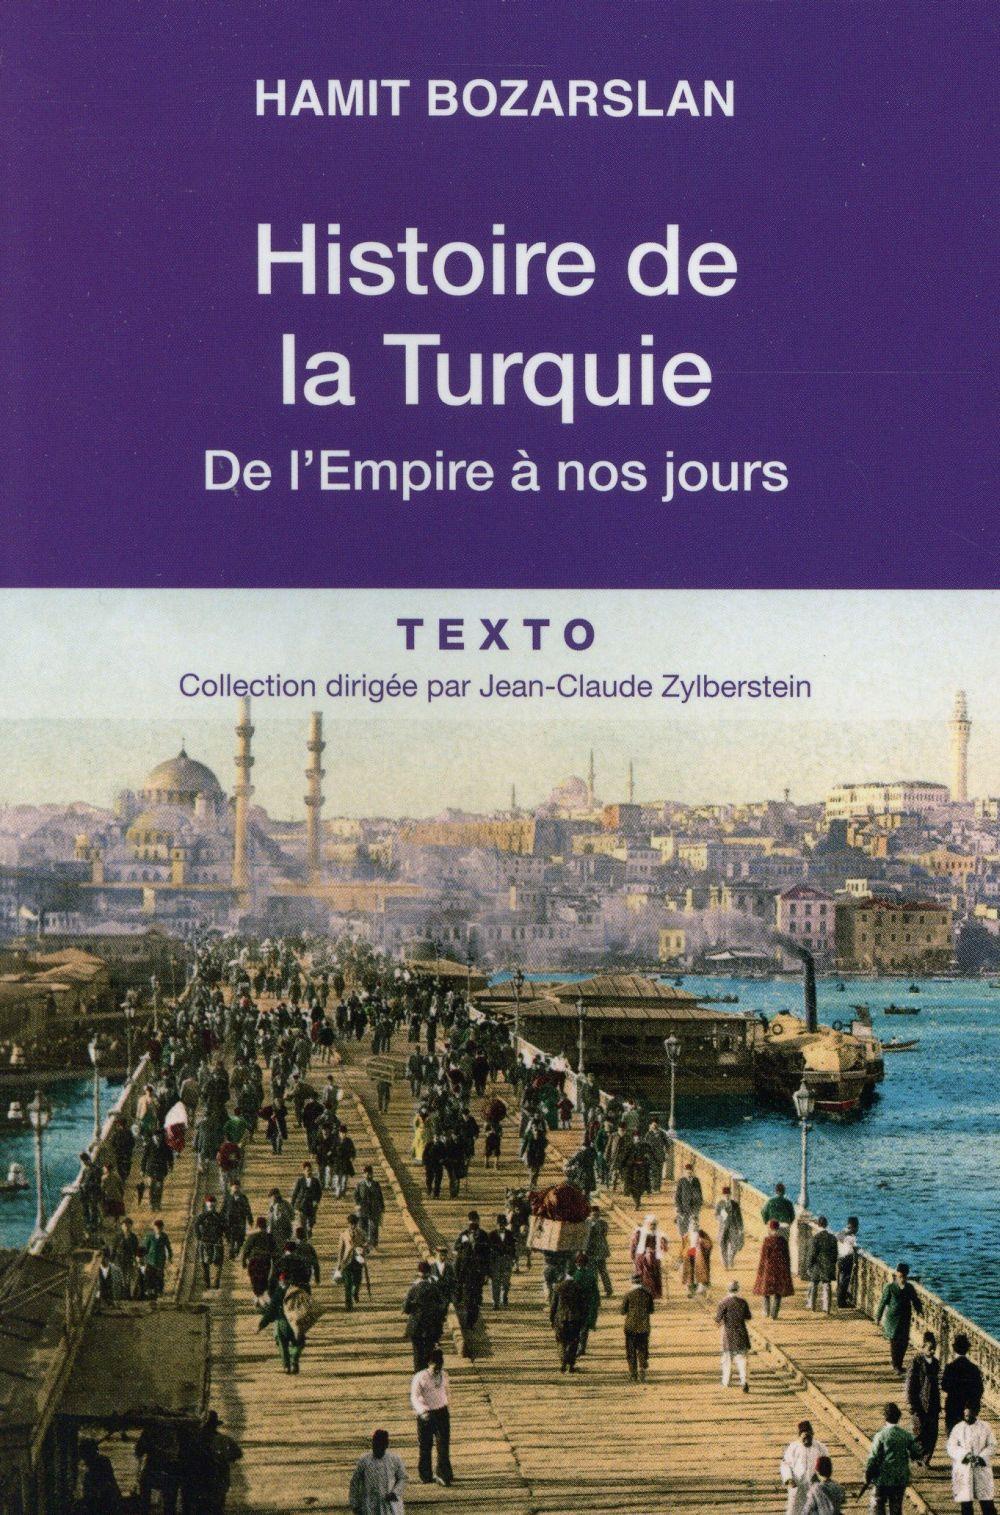 HISTOIRE DE LA TURQUIE  -  DE L'EMPIRE A NOS JOURS